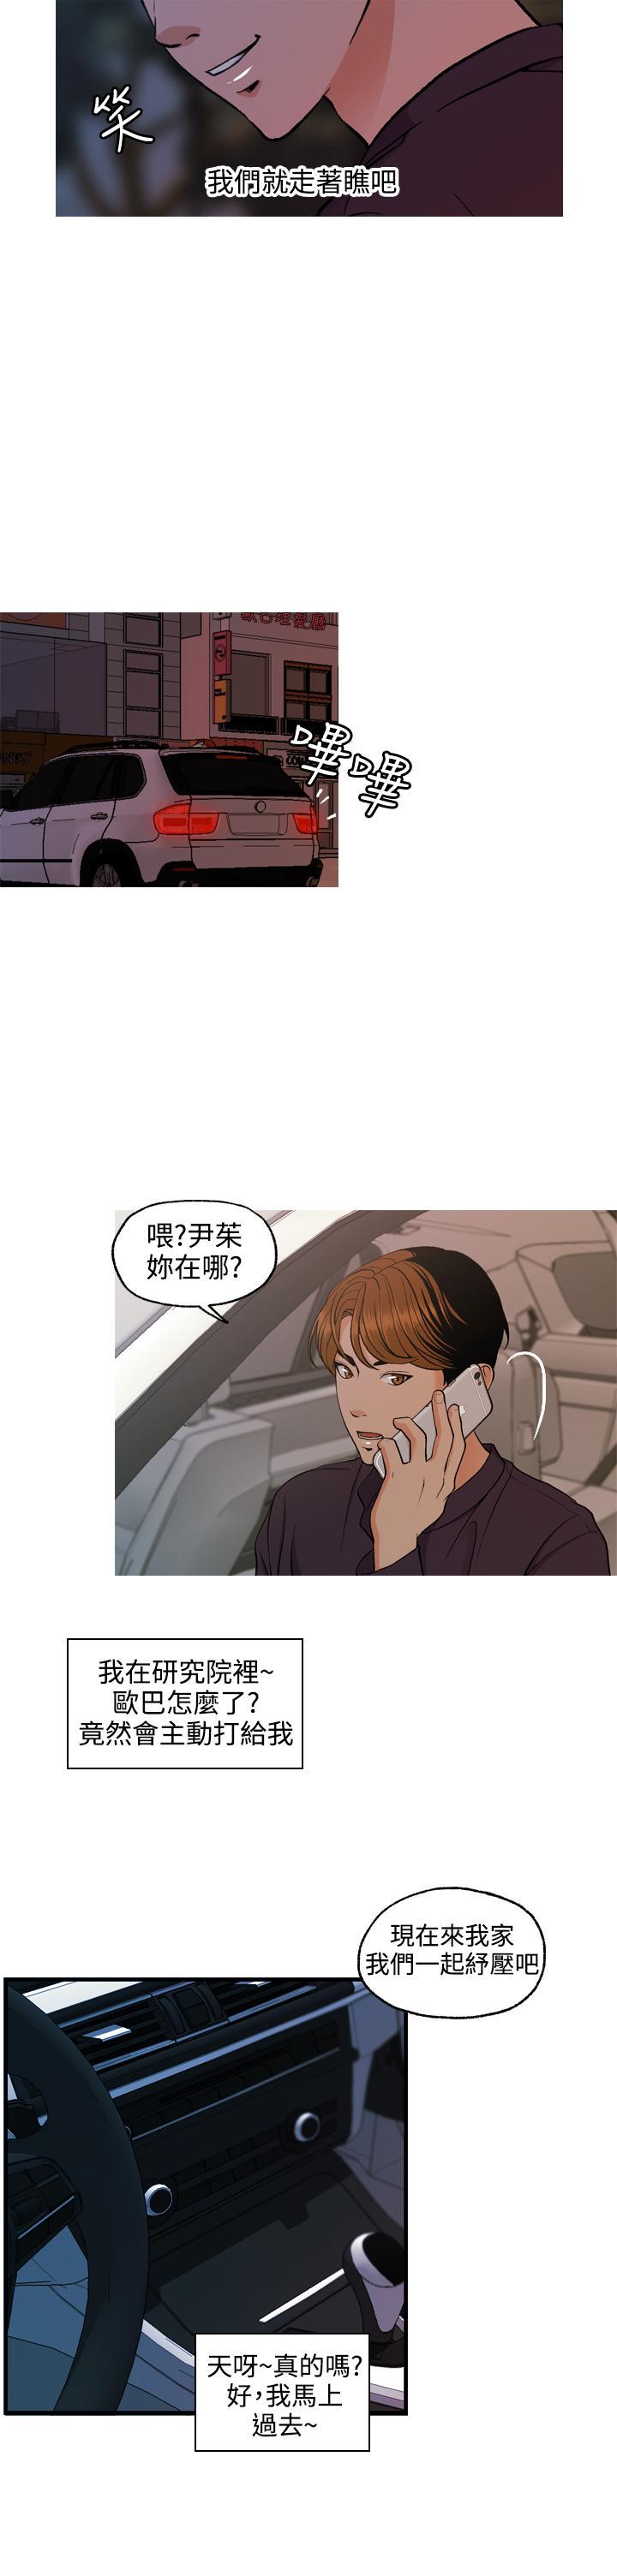 [洪班長] 淫stagram Ch.6~7 [Chinese]中文 49